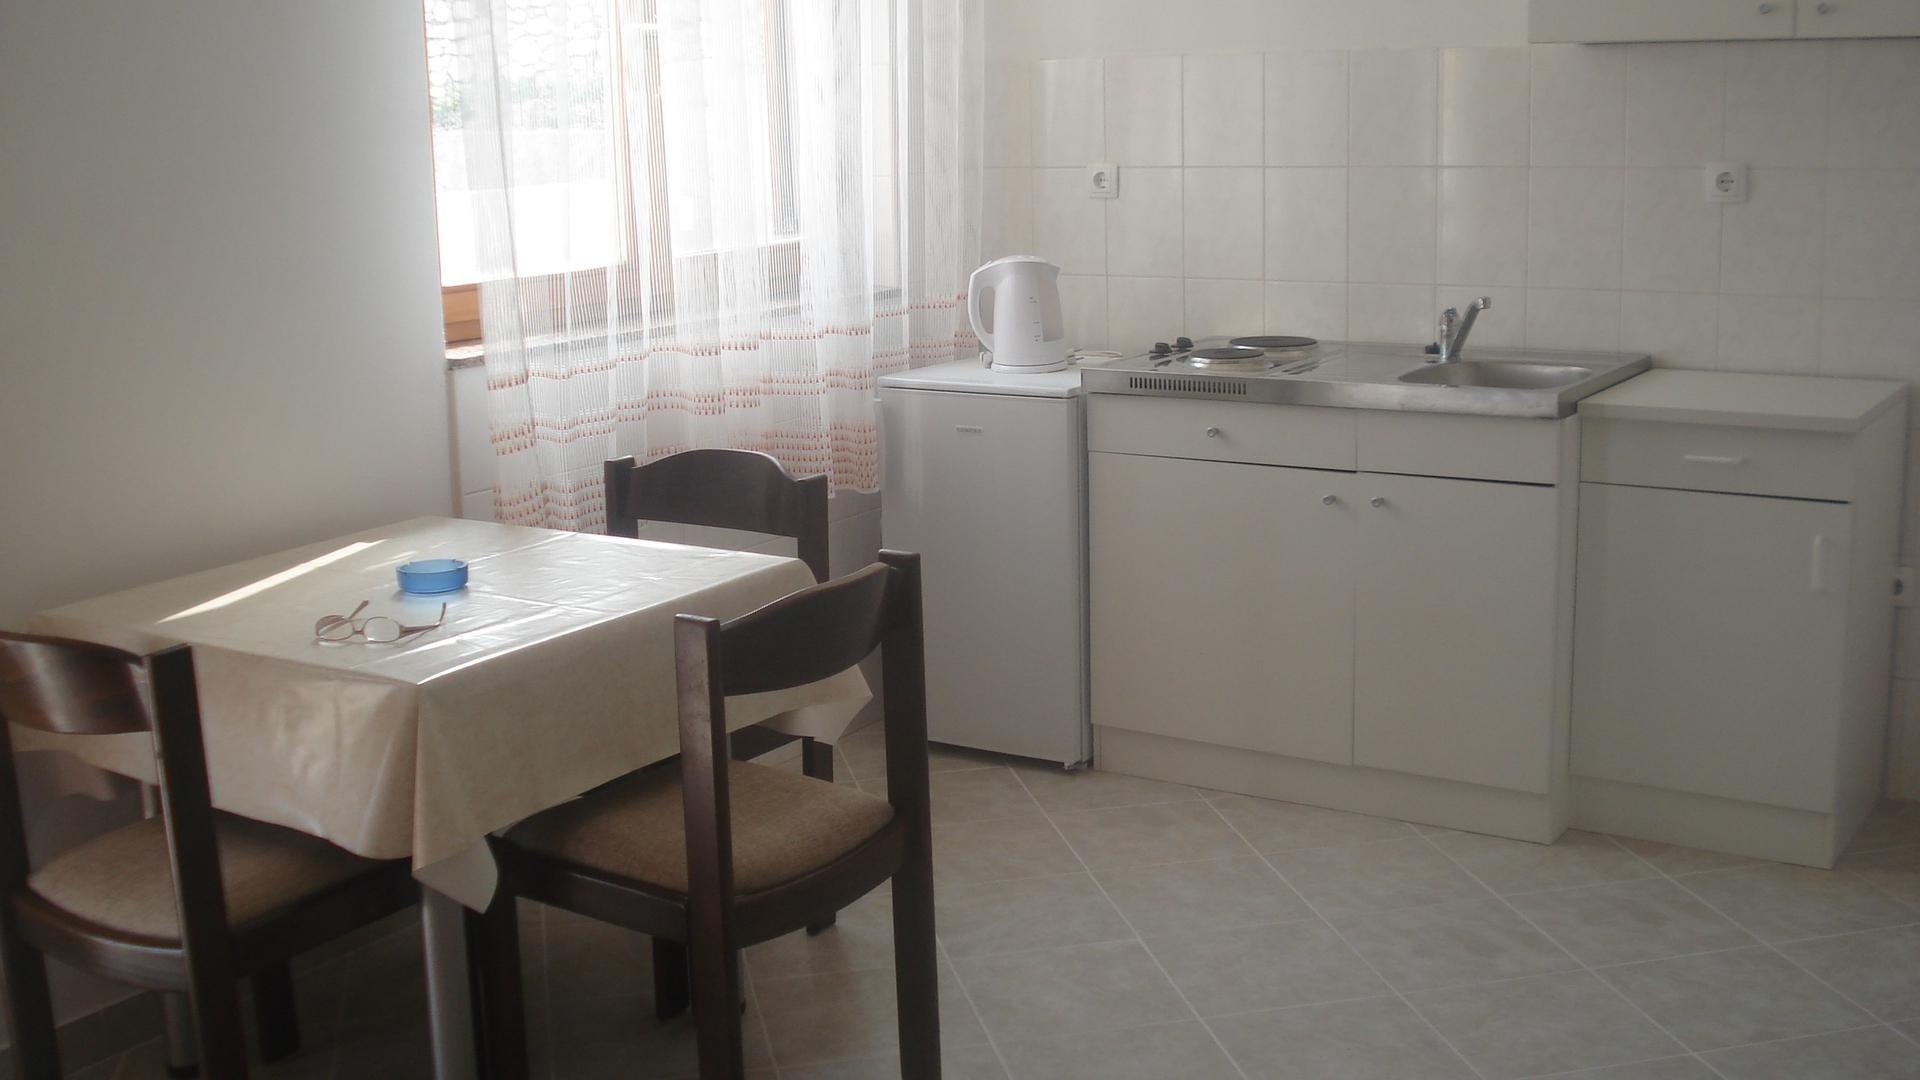 Biserka - Pag - Ferienwohnungen Kroatien - A2(2+2): Küche und Speisezimmer